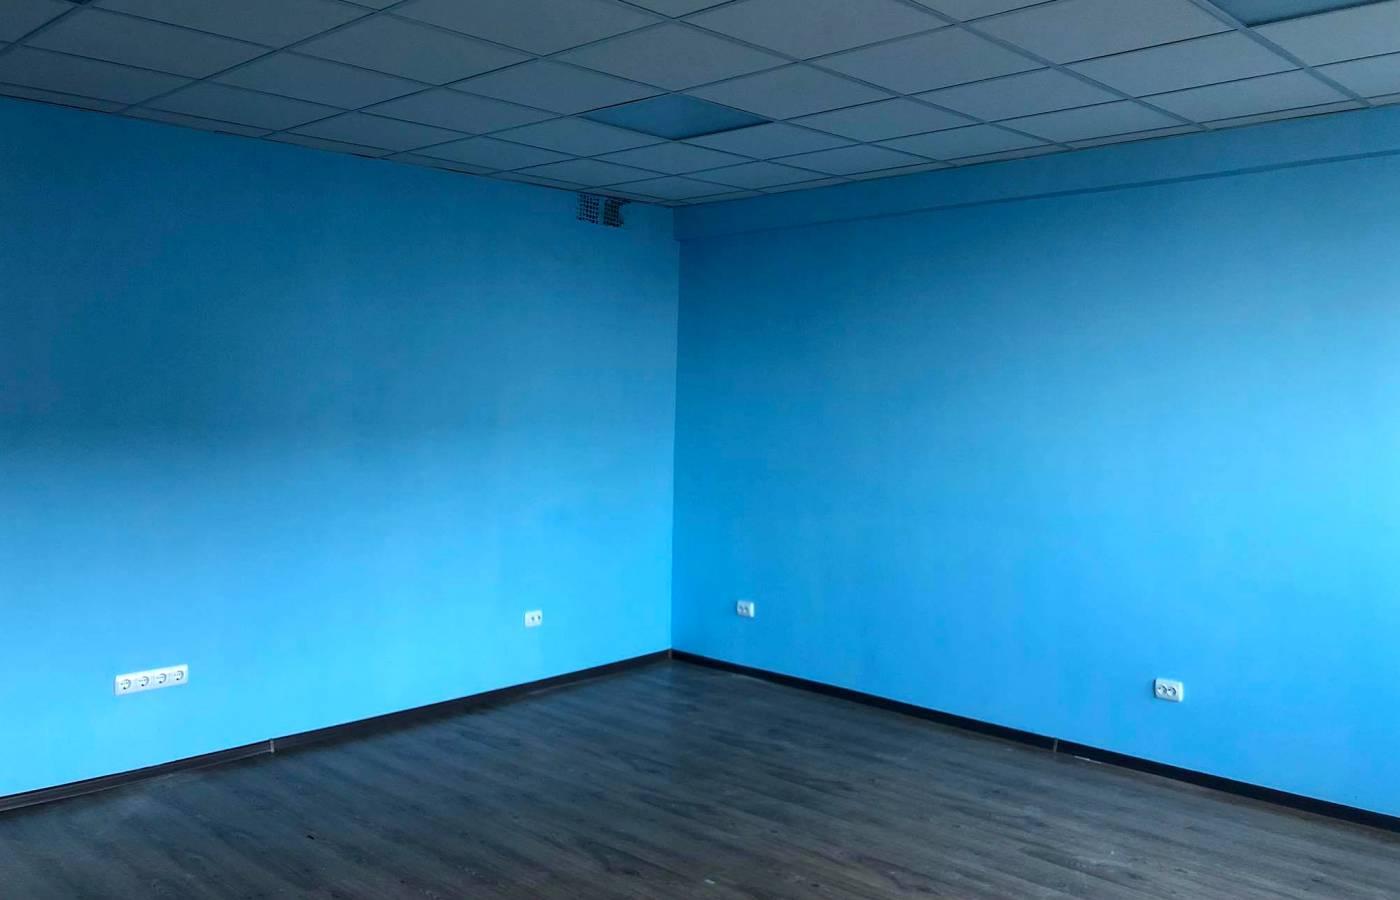 Щойно відремонтована авдиторія під кімнату-музей академіка Василя Німчука